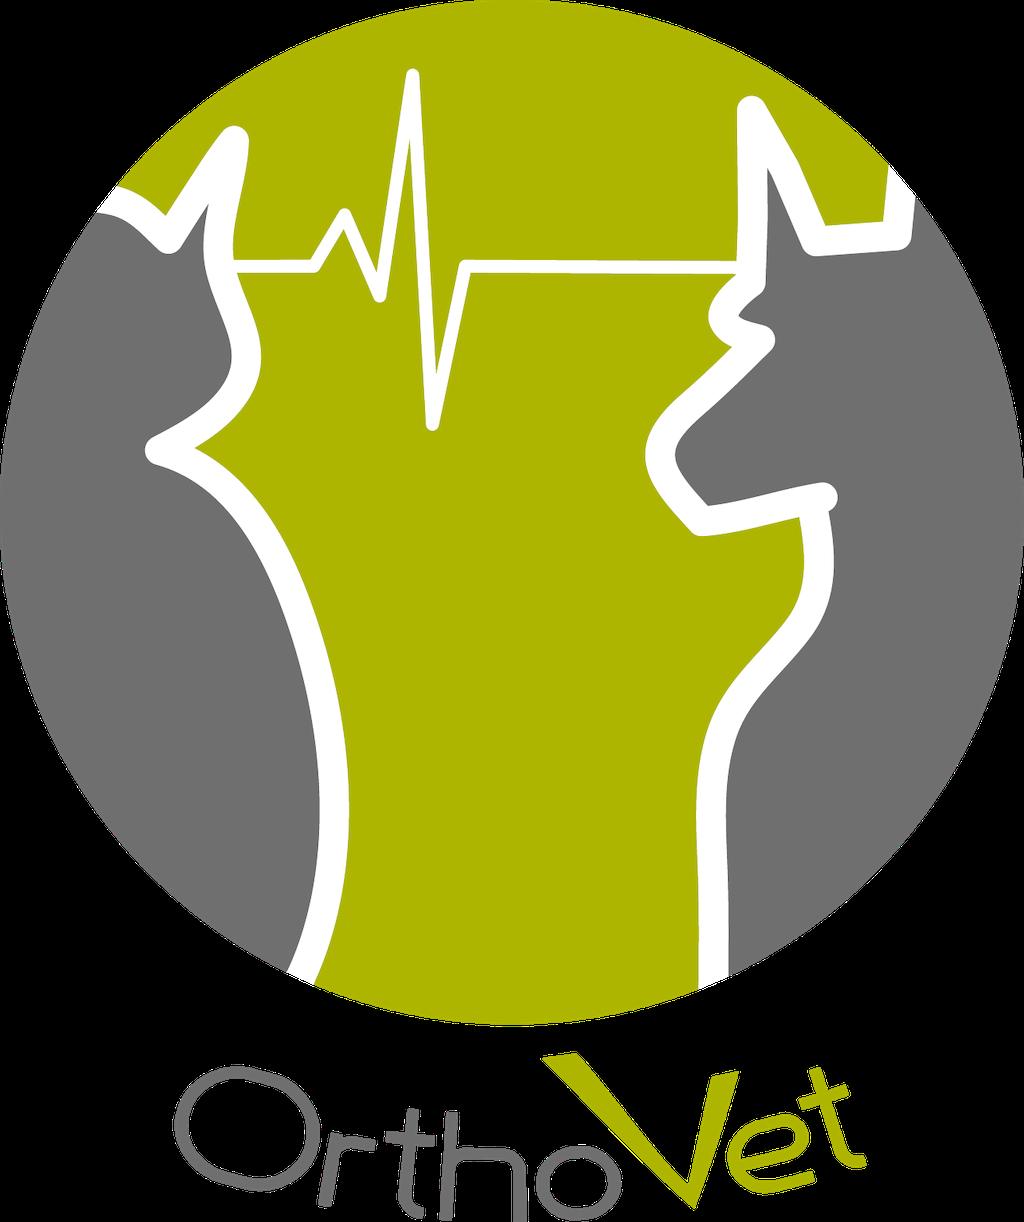 Logo Orthovet - Clinique Vétérinaire à Saint Jean de Védas